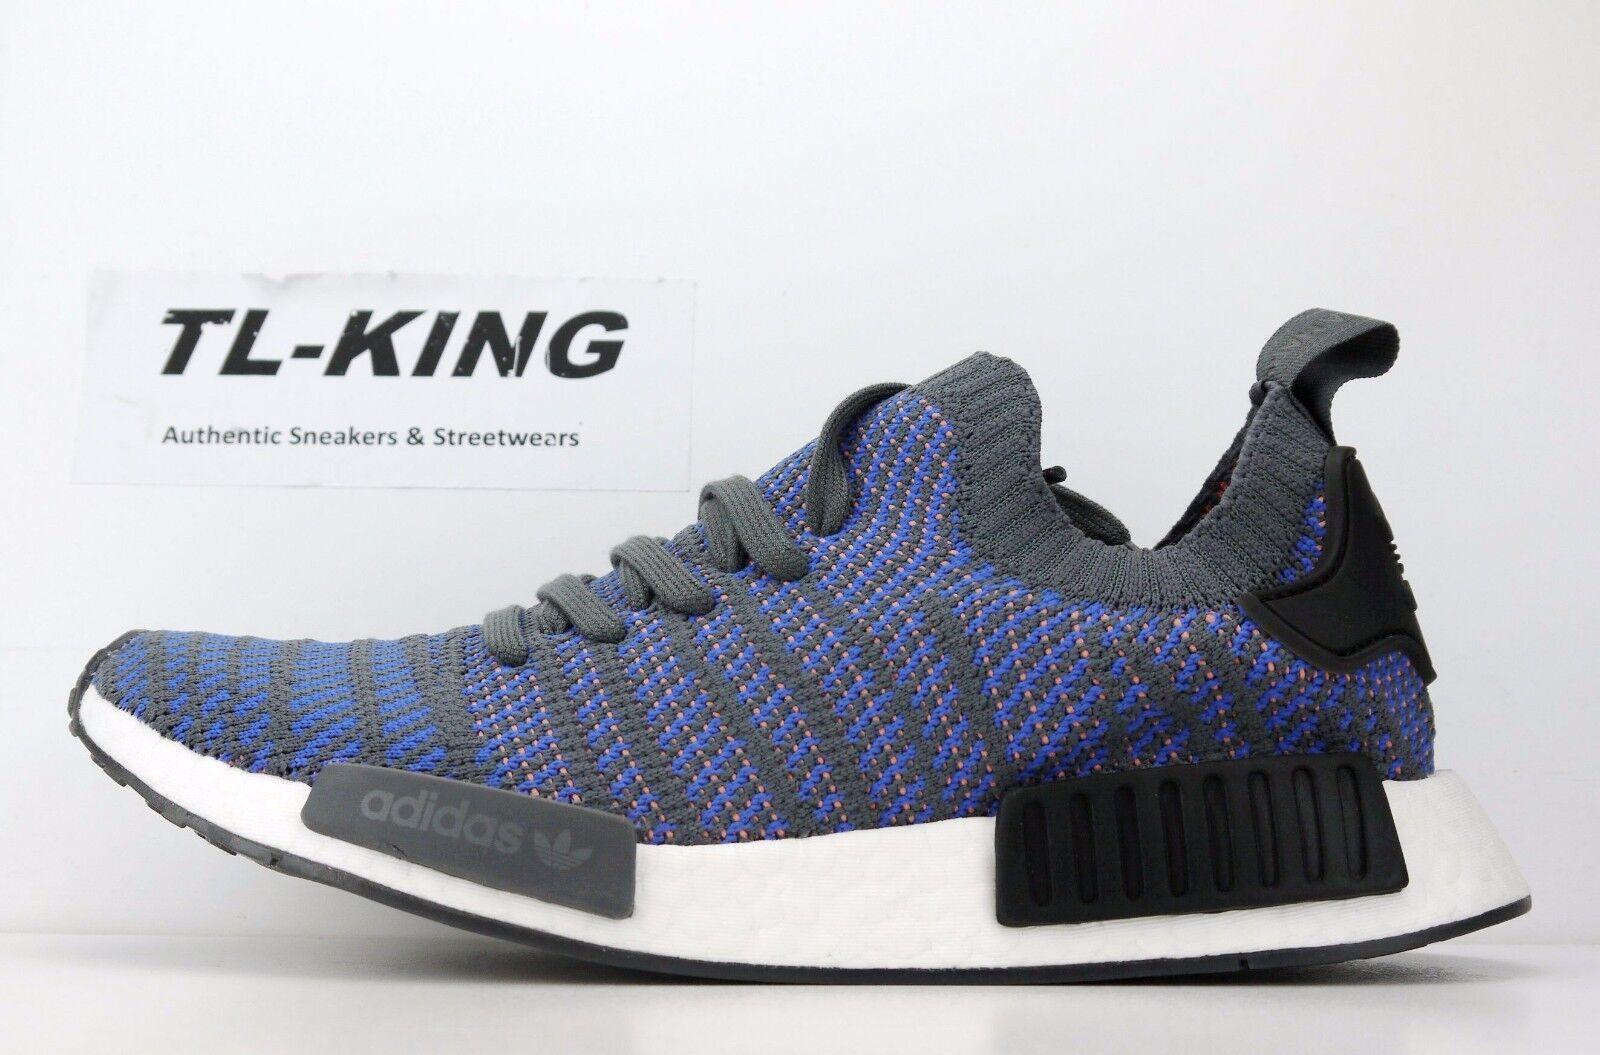 1f6579df365 Adidas Originals NMD R1 Stlt PK Boost Hi-Res Blue Black Coral CQ2388  170 FN